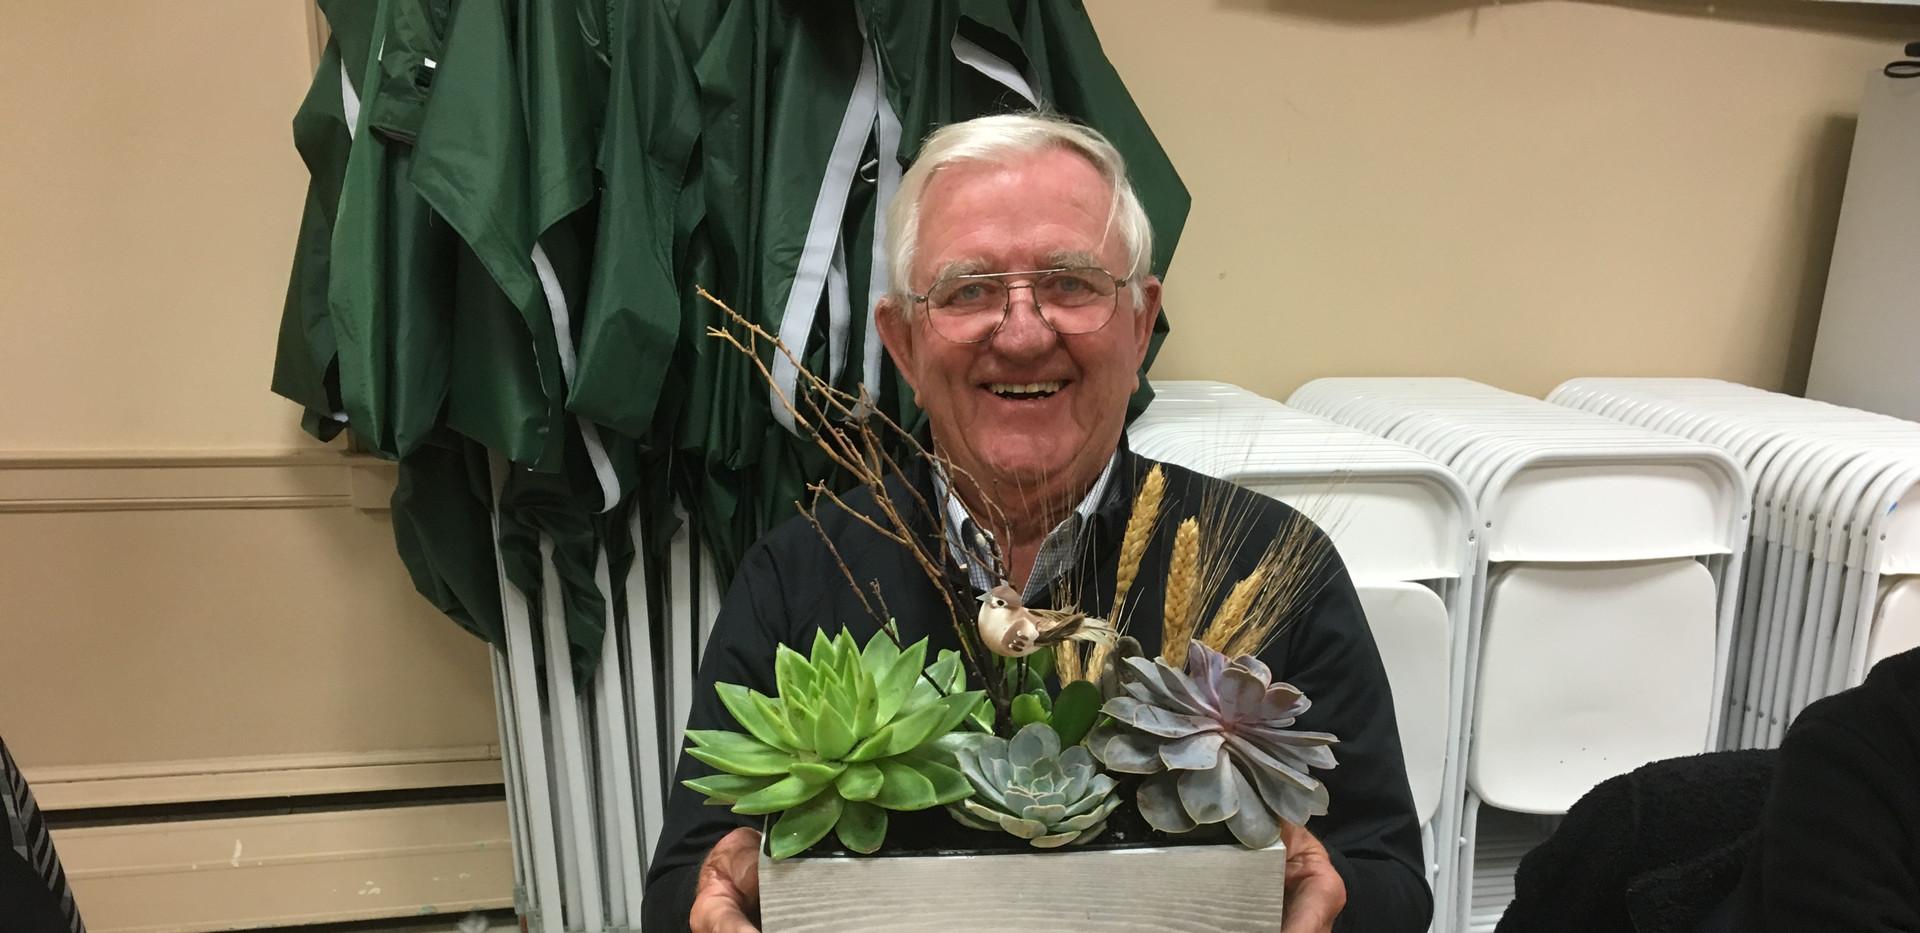 Floral Arrangement: Succulents